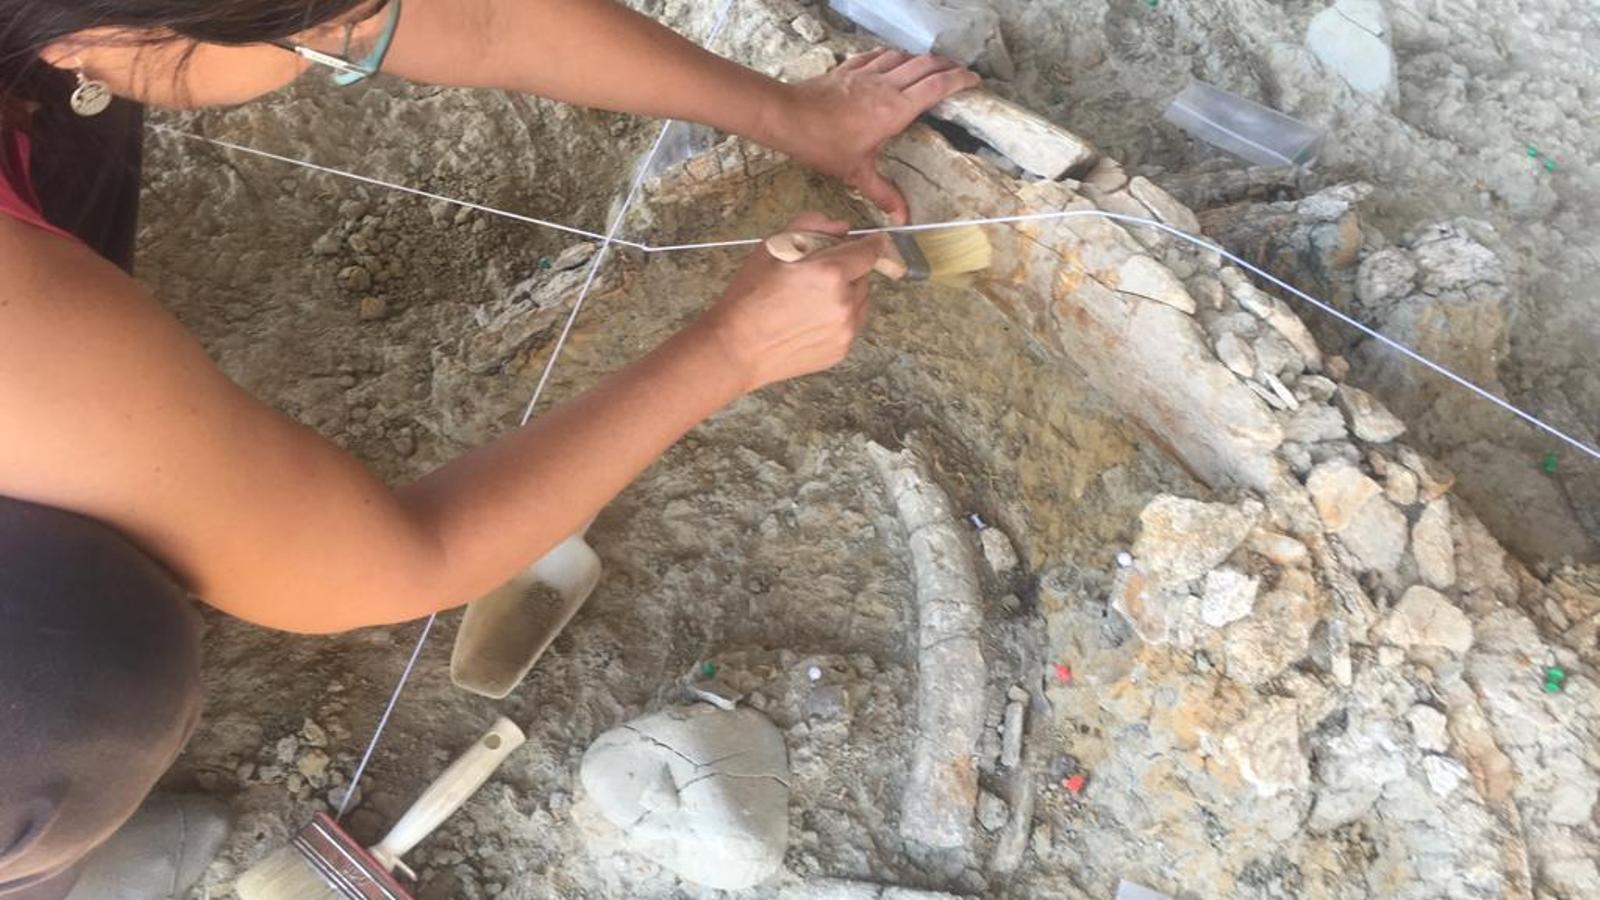 Detall de l'excavació d'un os de mamut al Barranc de la Boella, a La Canonja